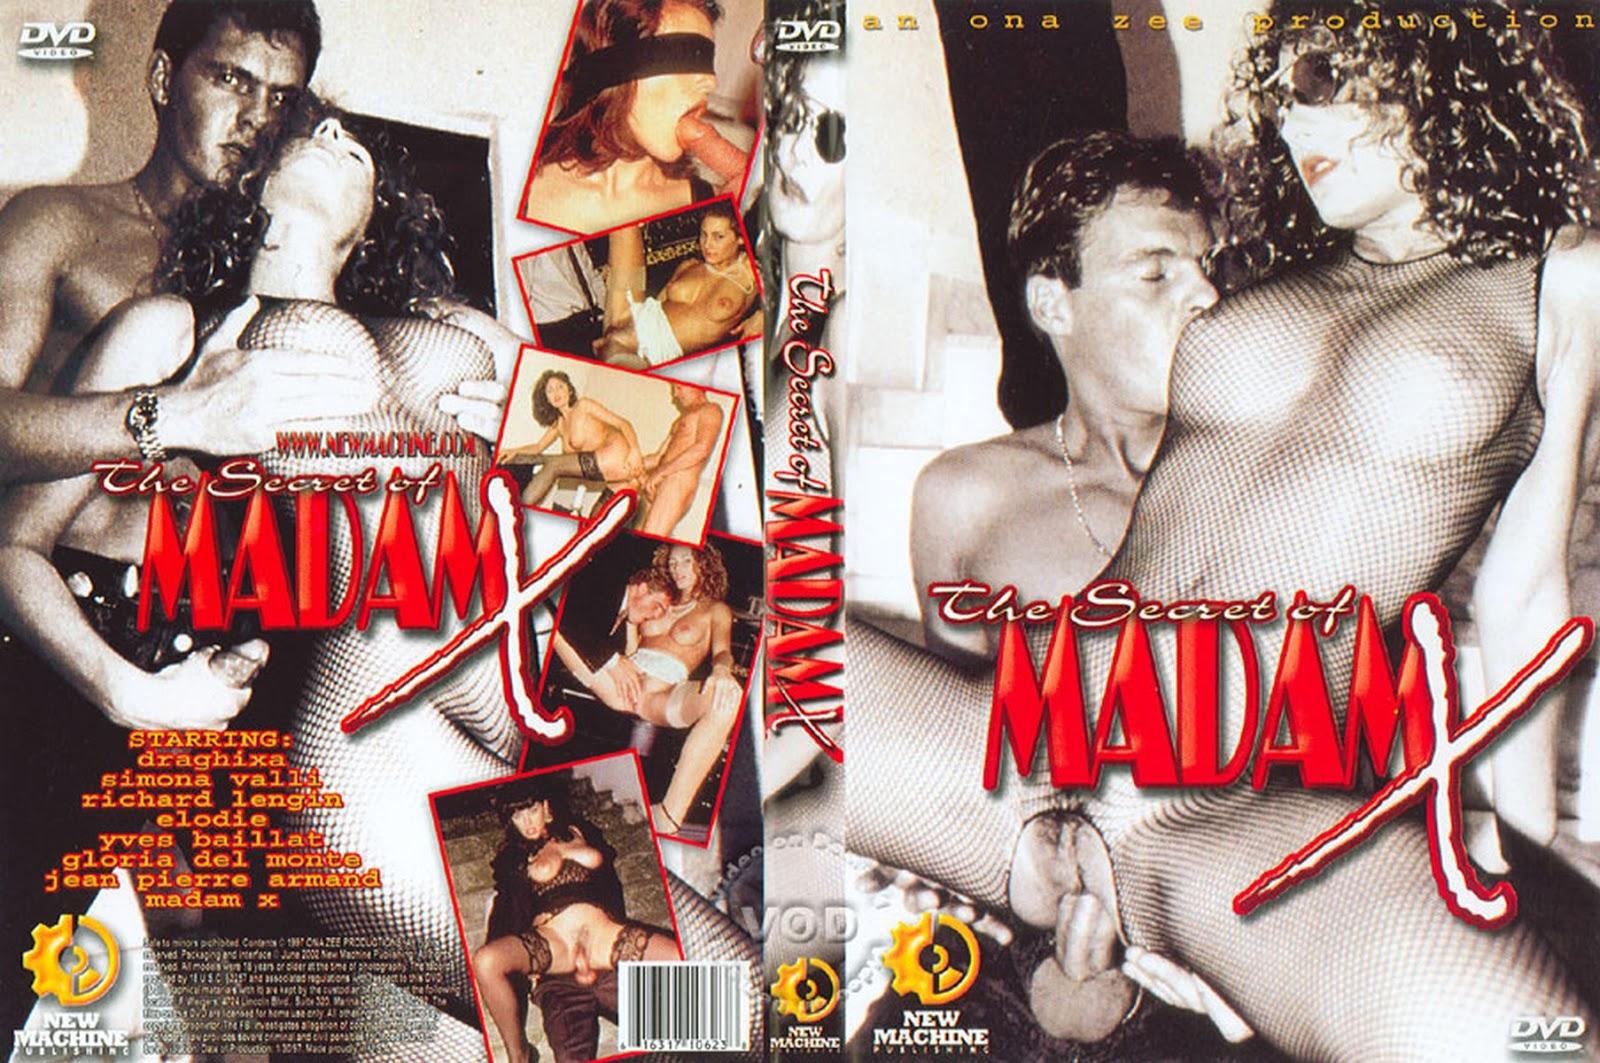 madam x fortune machine from the movie